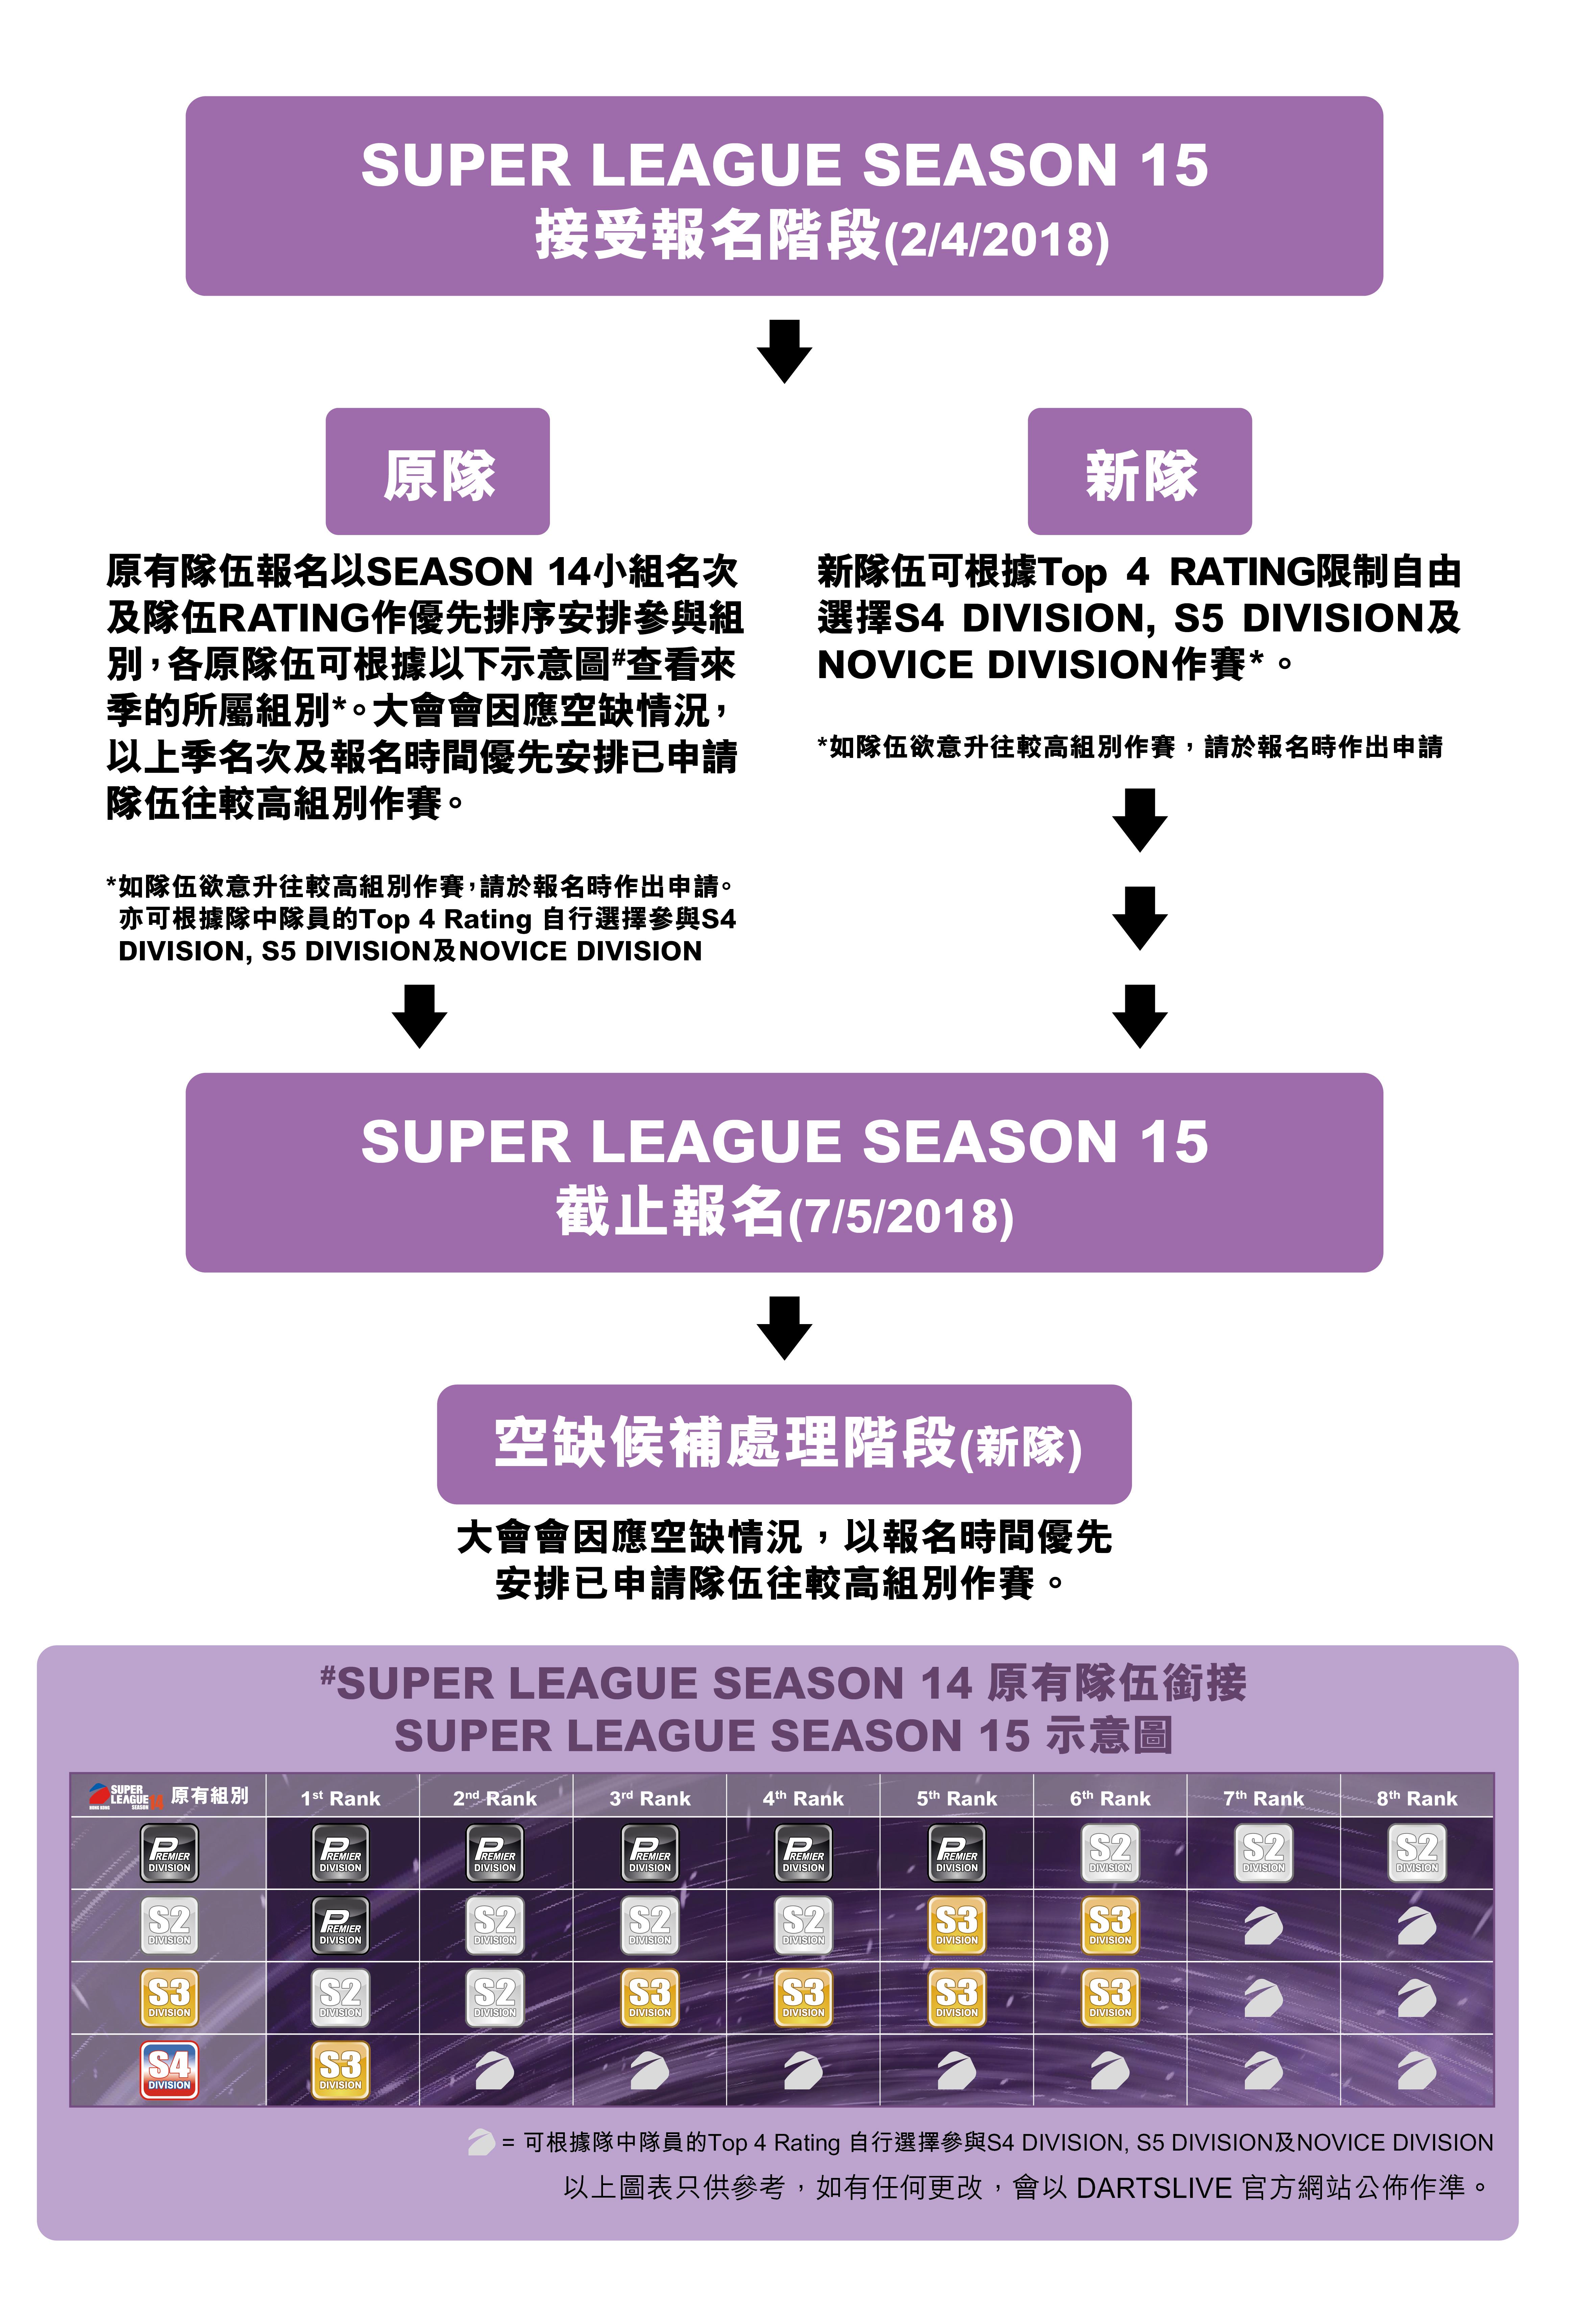 SUPER LEAGUE SEASON 15